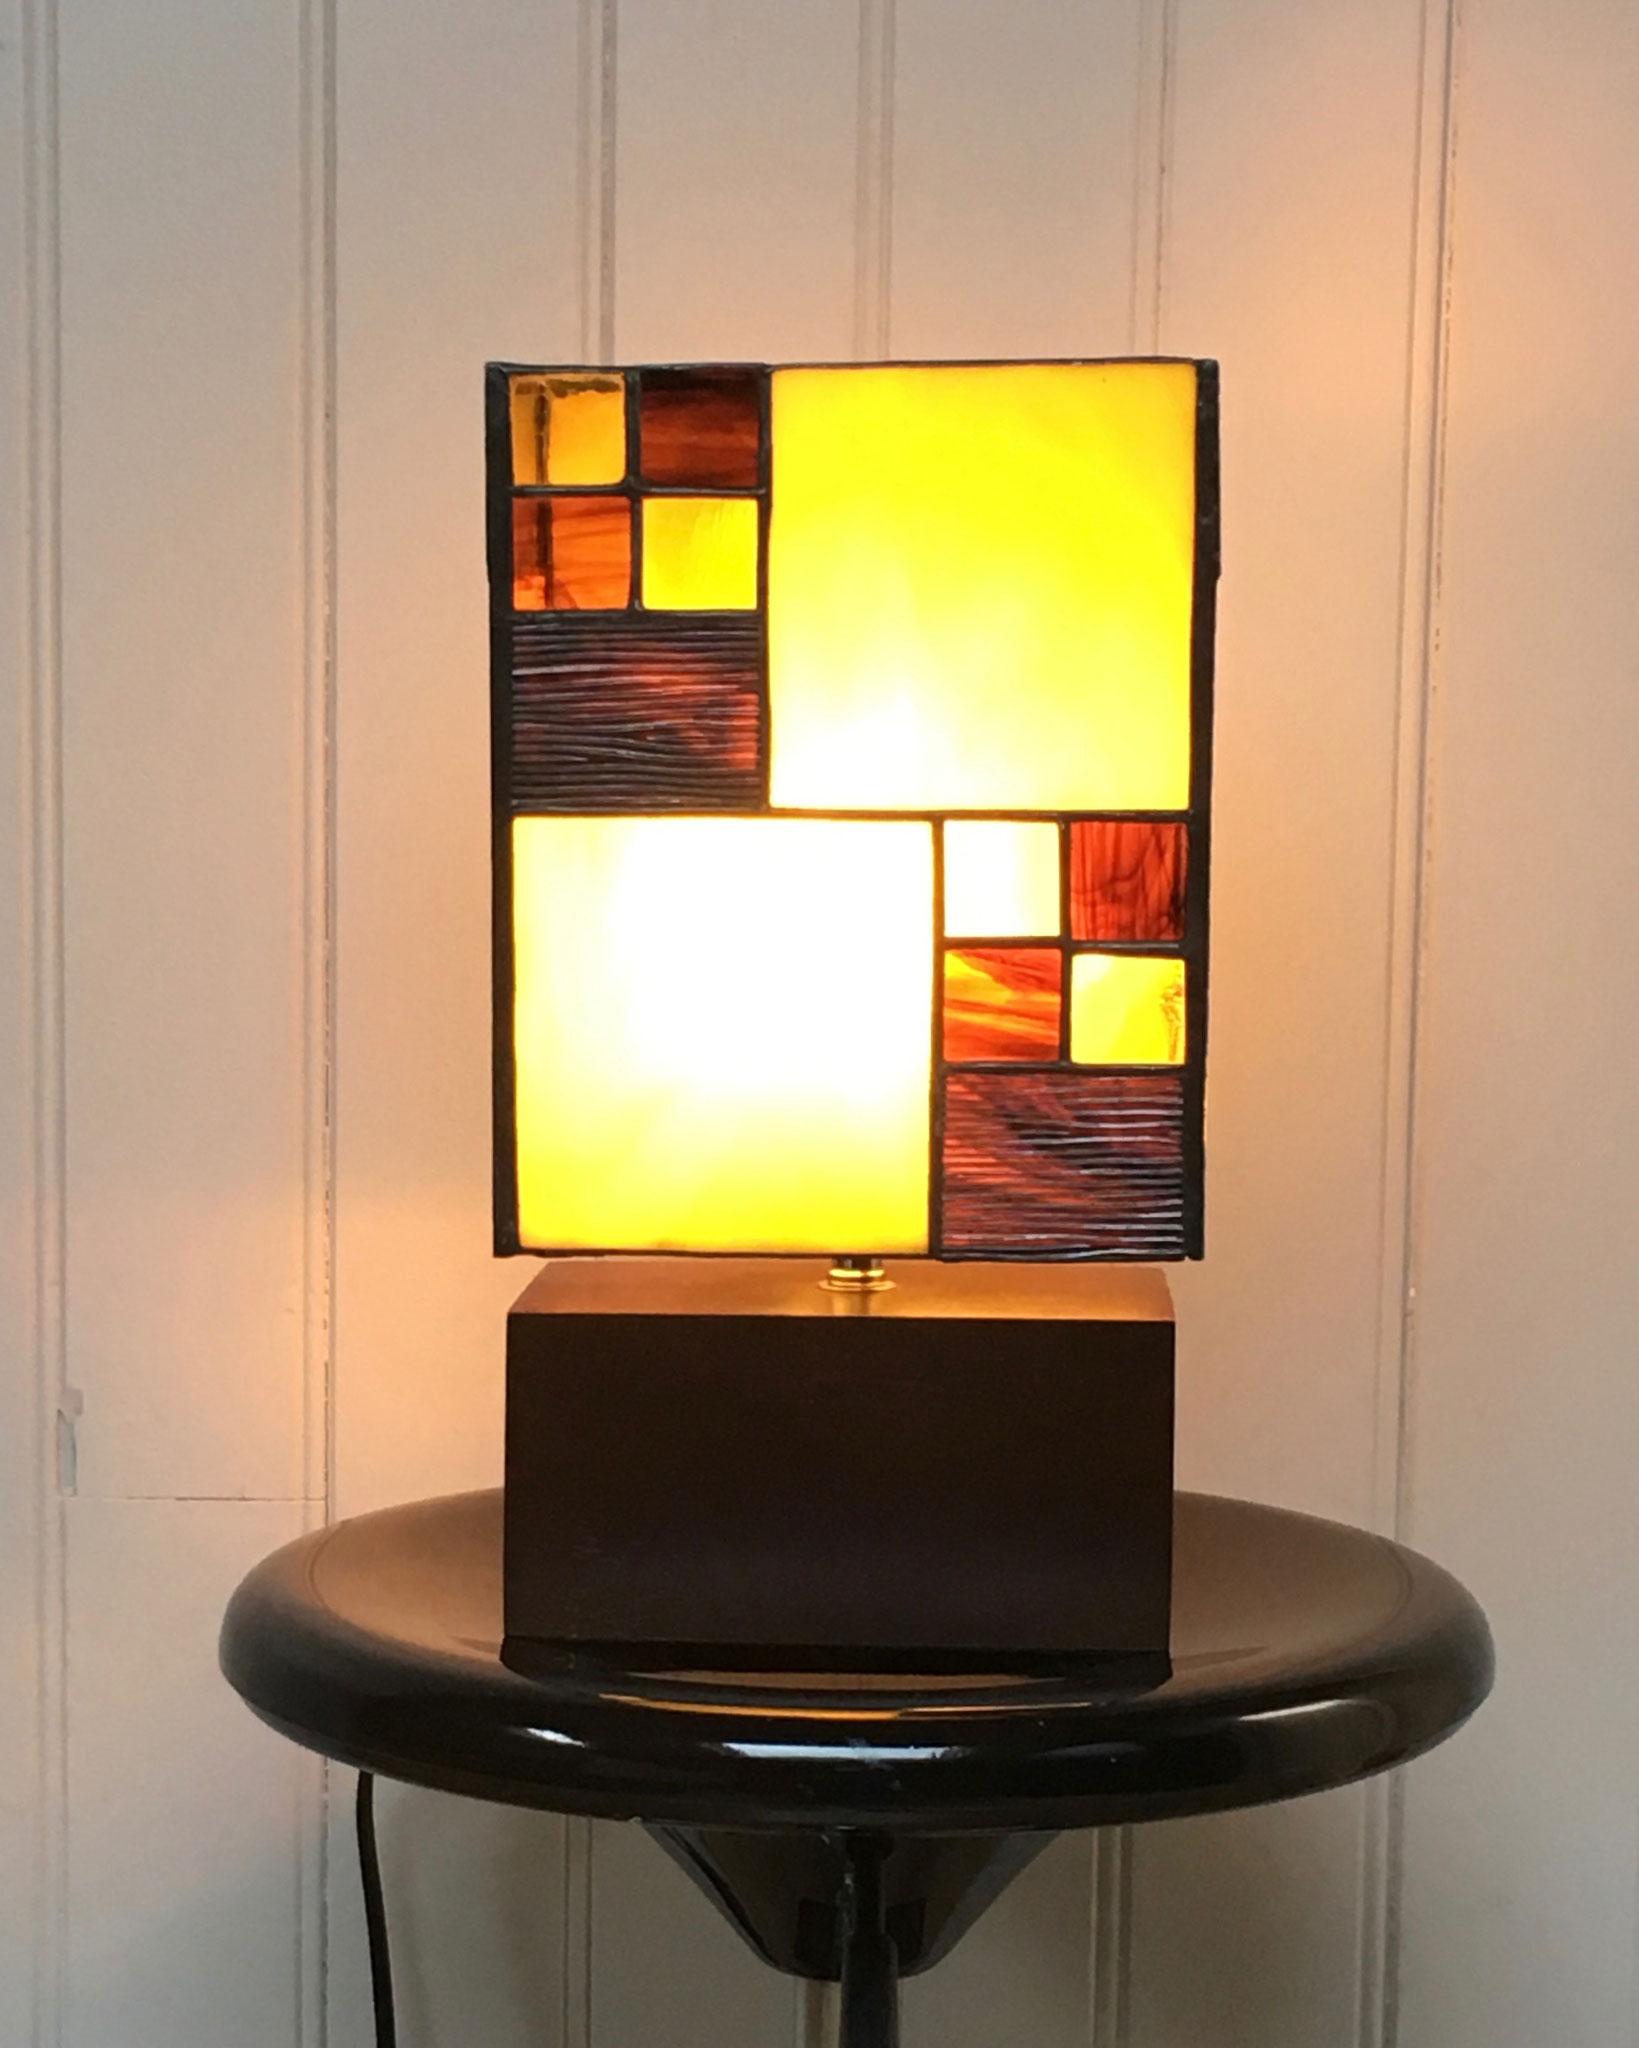 Lampe réalisée en Tiffany sur socle en bois Vue de face allumée